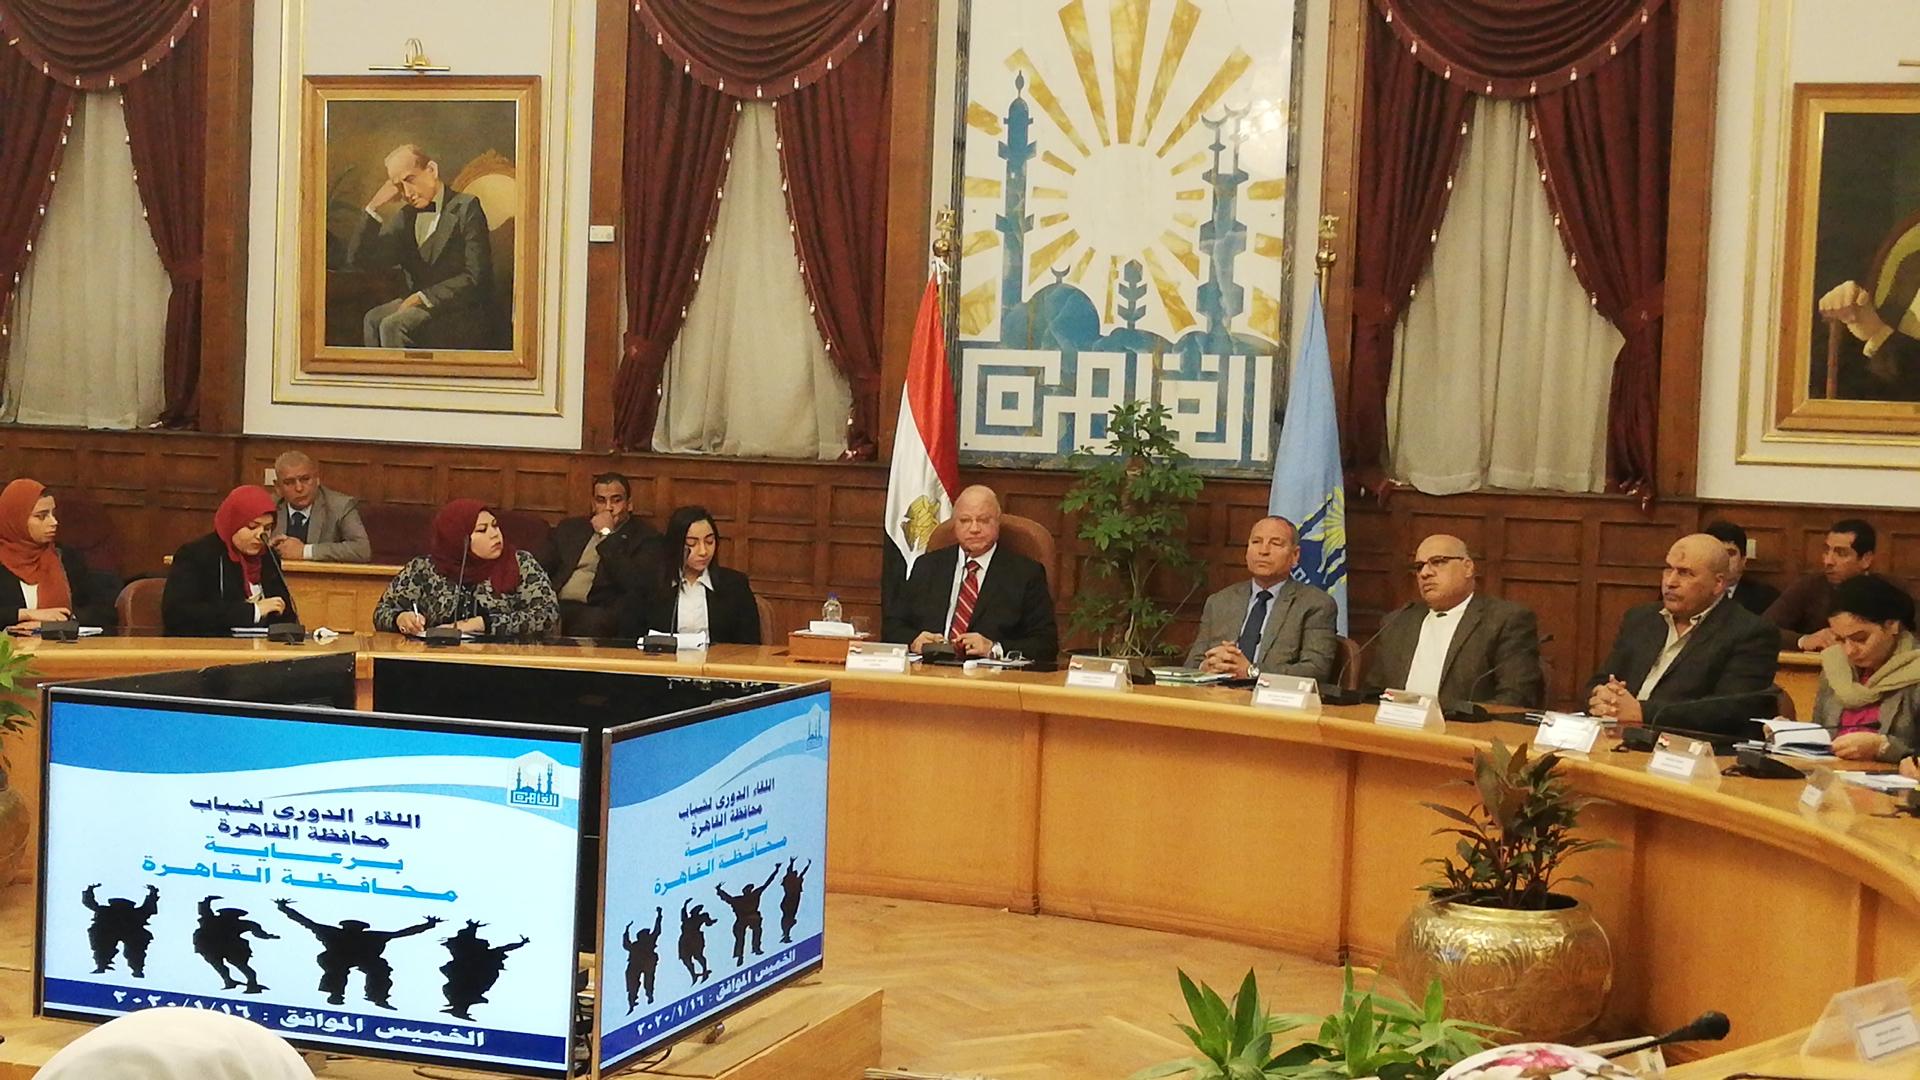 لقاء محافظ القاهرة بالشباب (3)